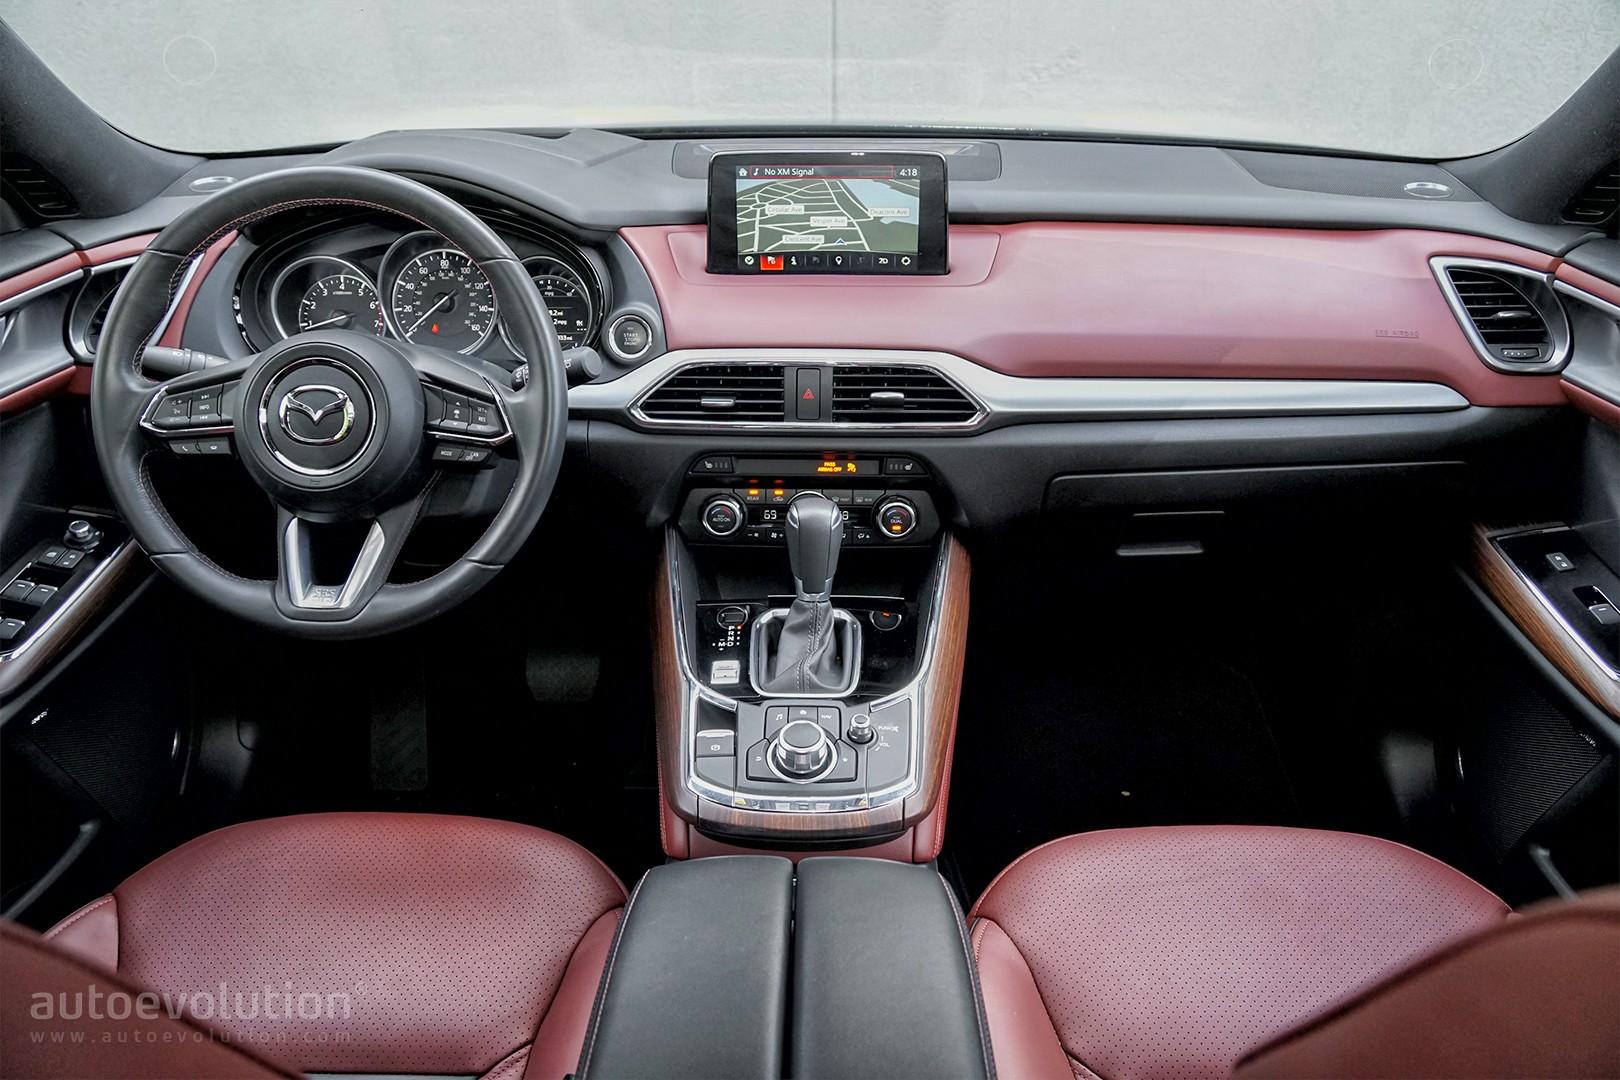 2016 Mazda Cx 9 Manual